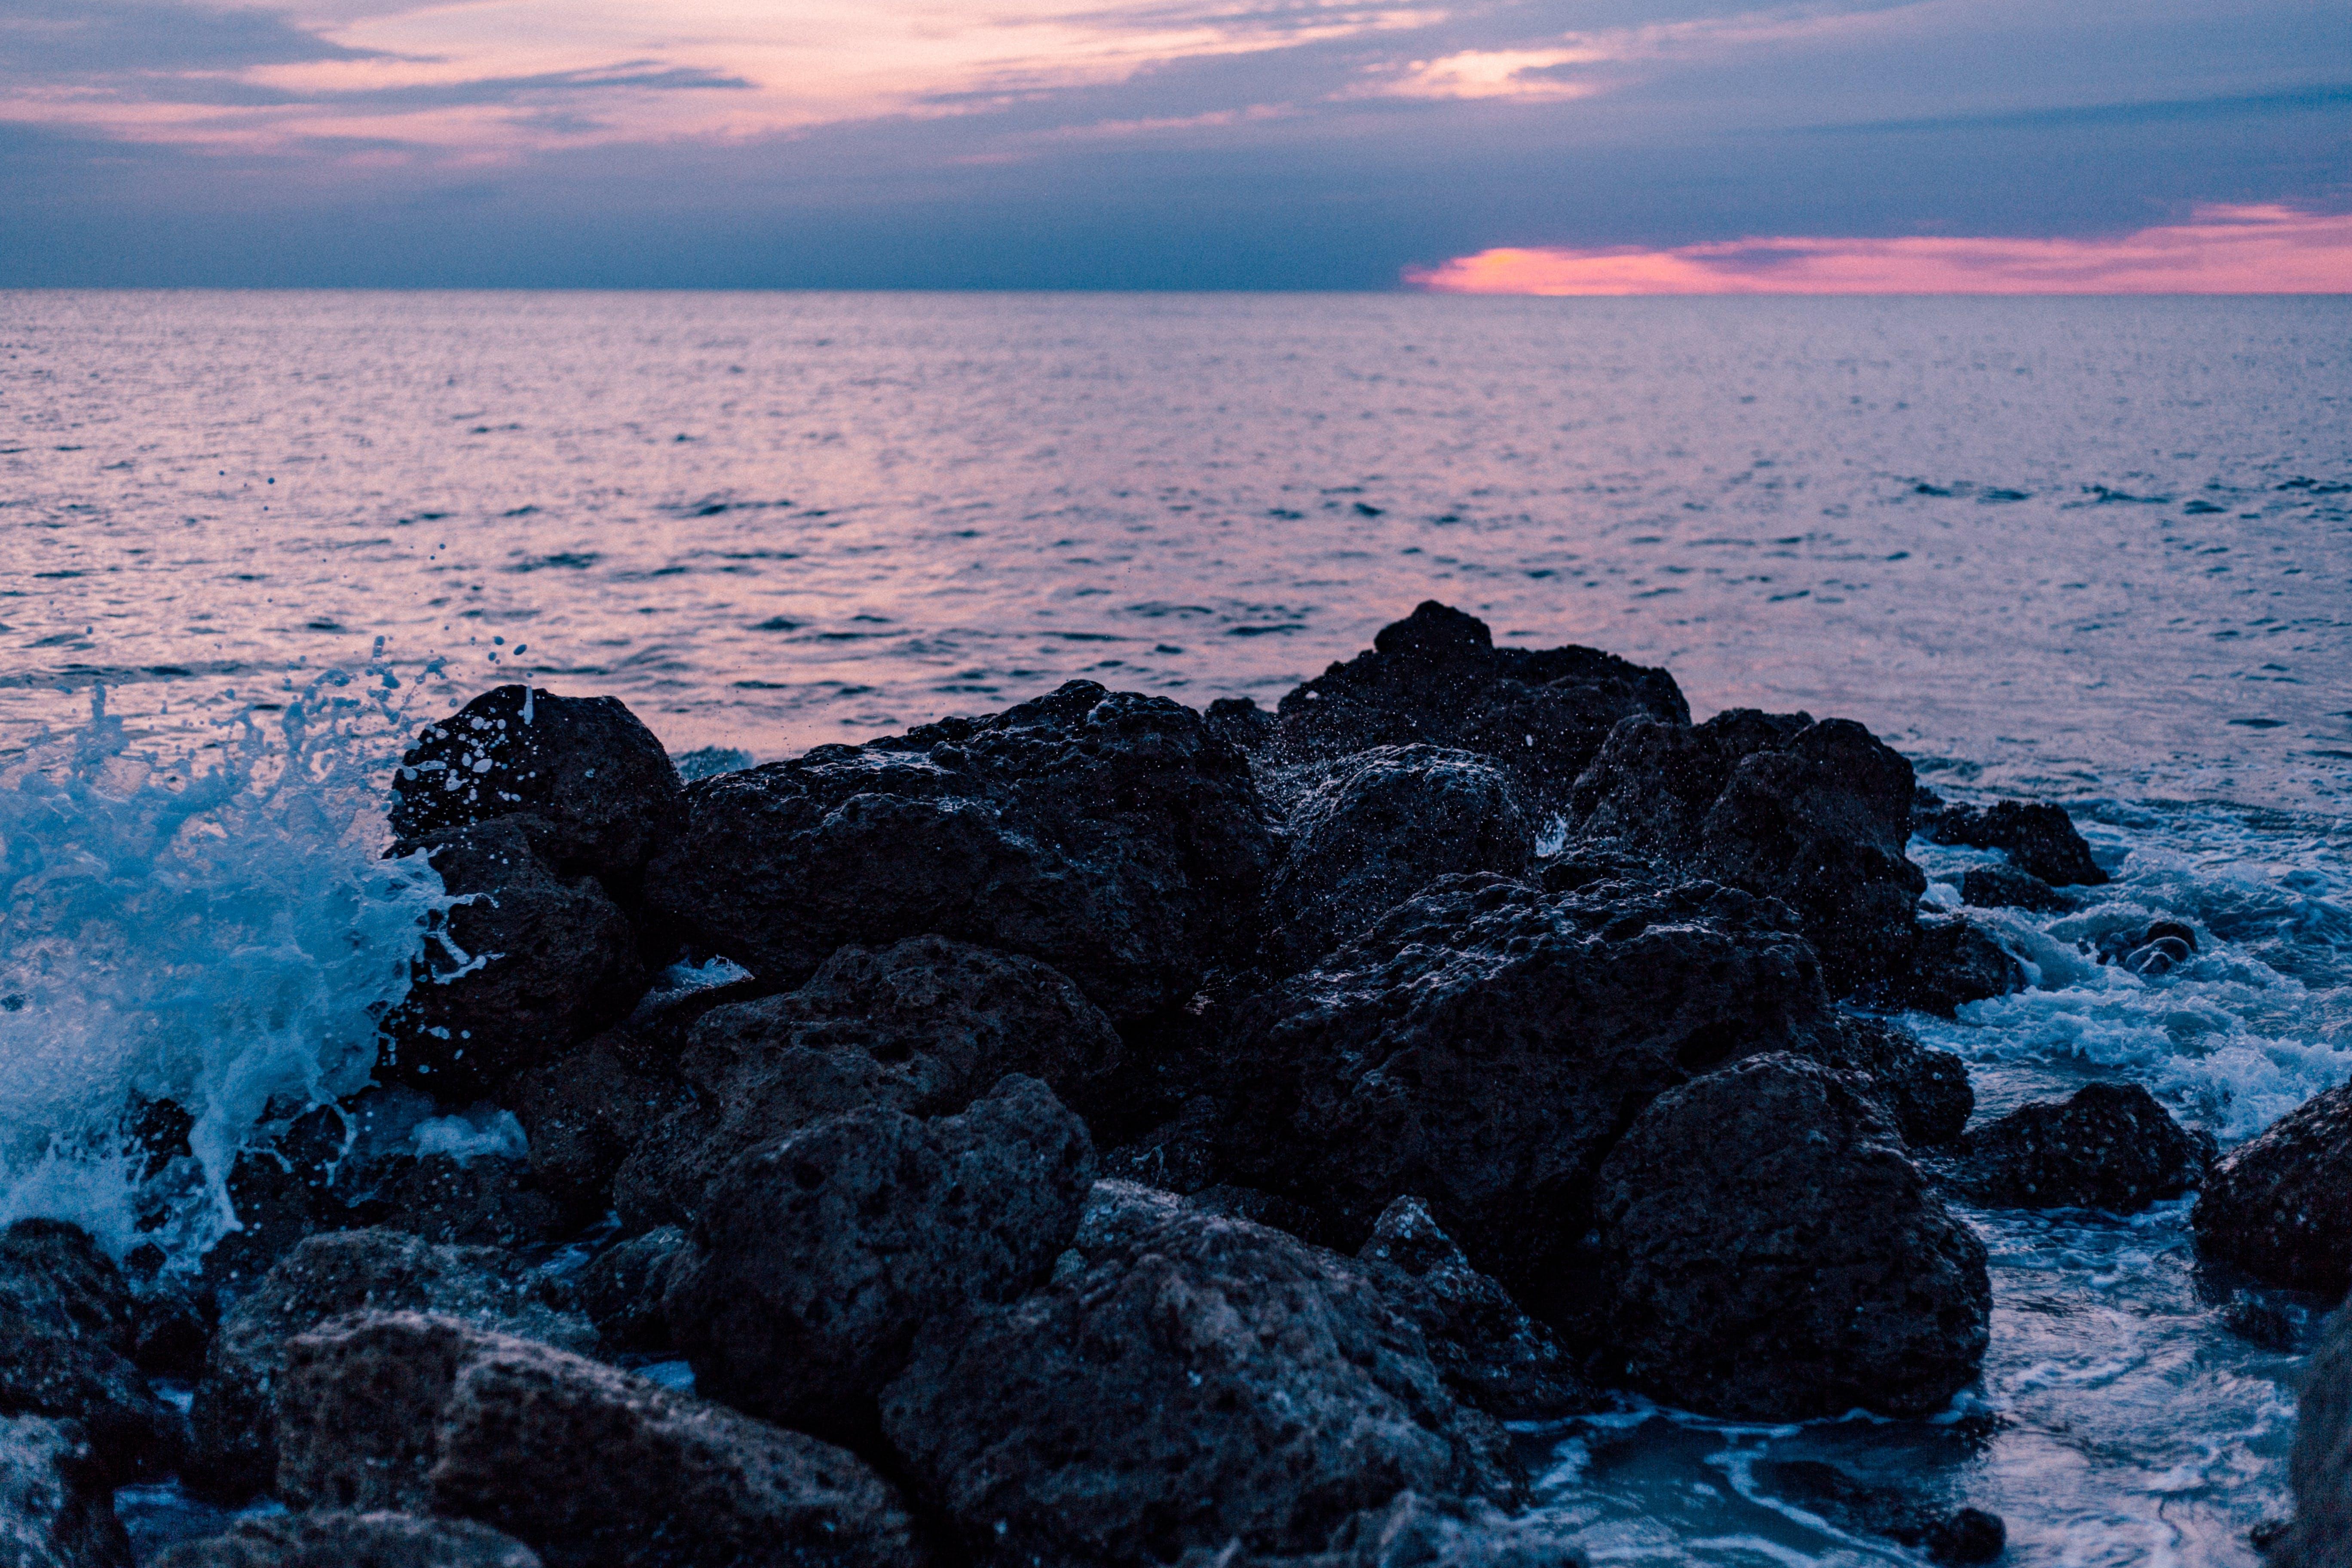 Water Crashing Against Rocks